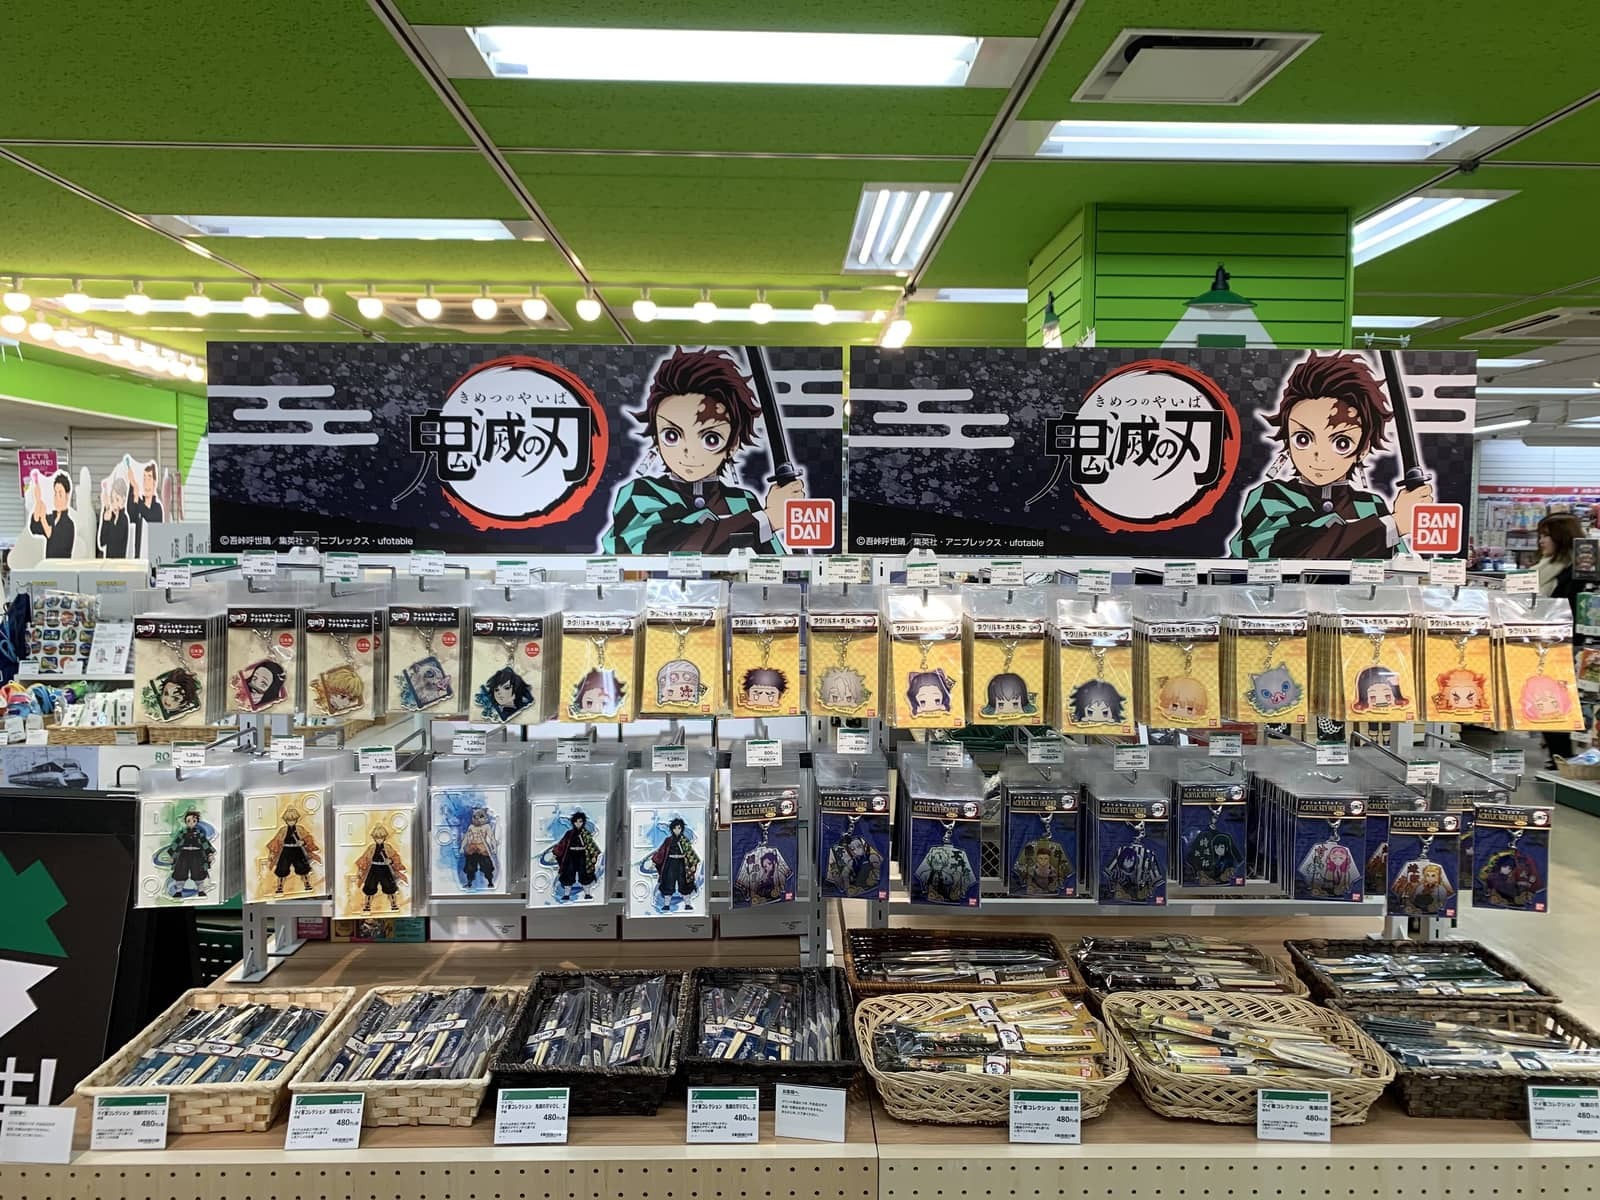 Kimetsu no Yaiba merchandising